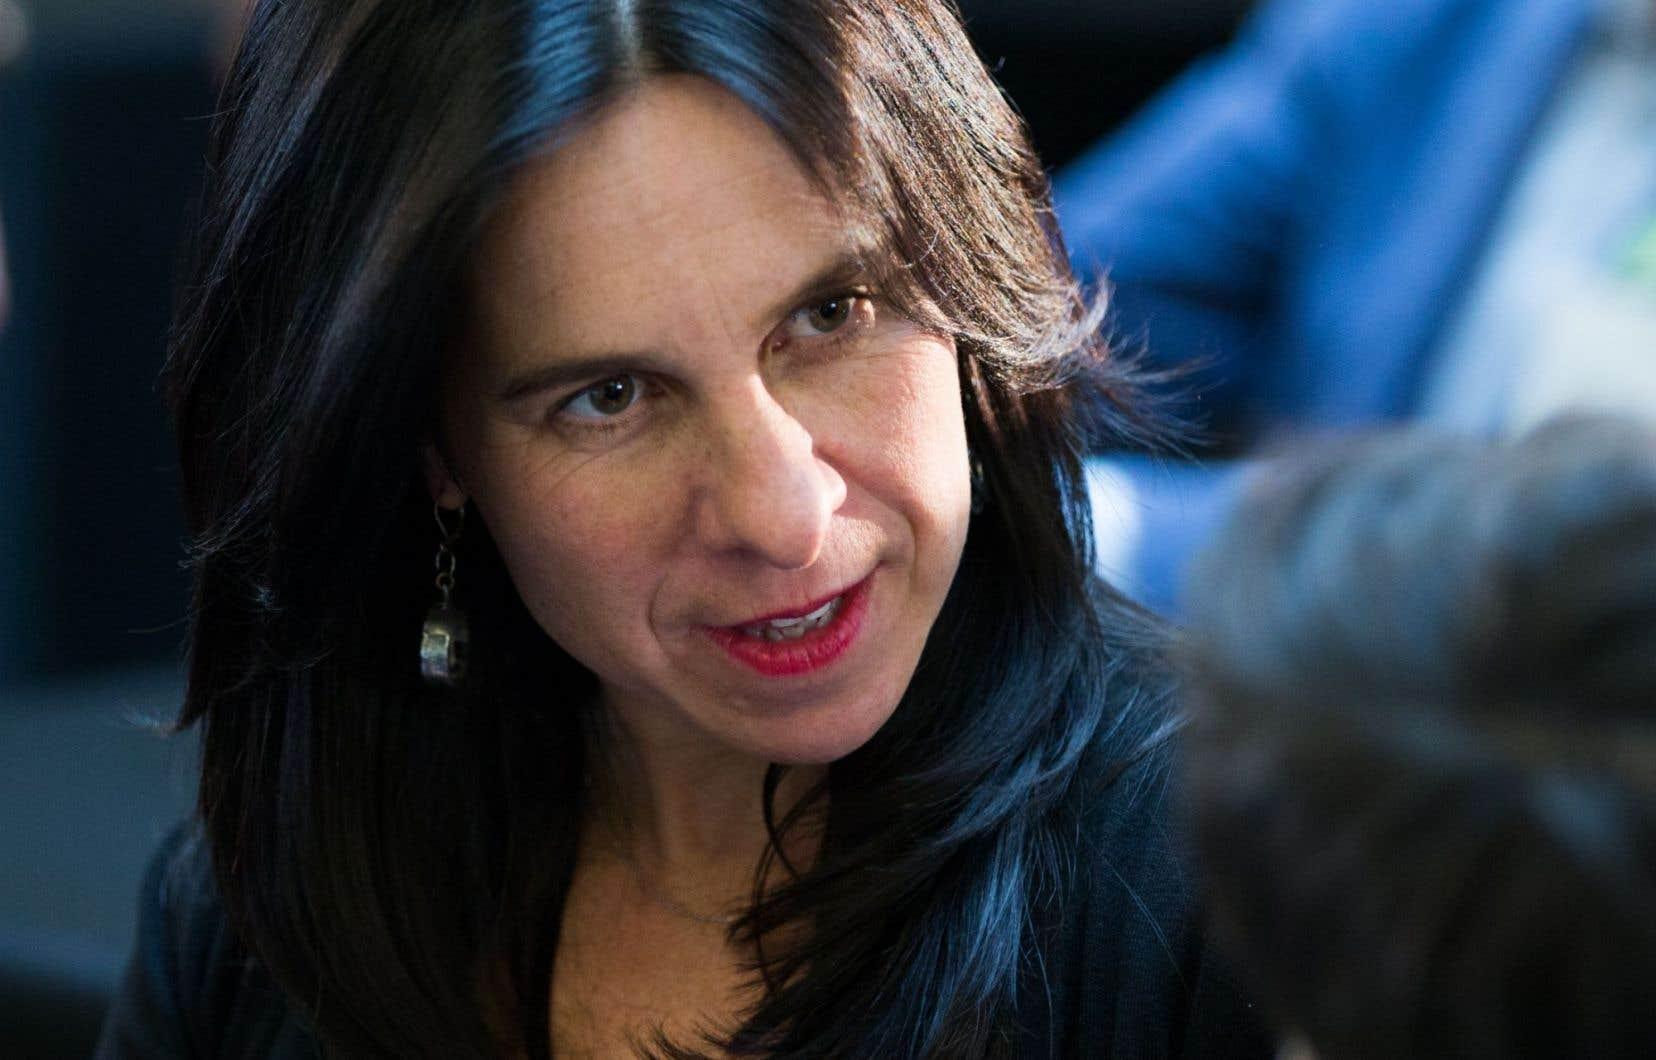 Conseillère dans l'arrondissement de Ville-Marie, Valérie Plante dit vouloir faire des transports, de l'habitation et de l'alimentation les thèmes principaux de sa campagne avec pour objectif de réduire les inégalités dans l'offre de services aux Montréalais.